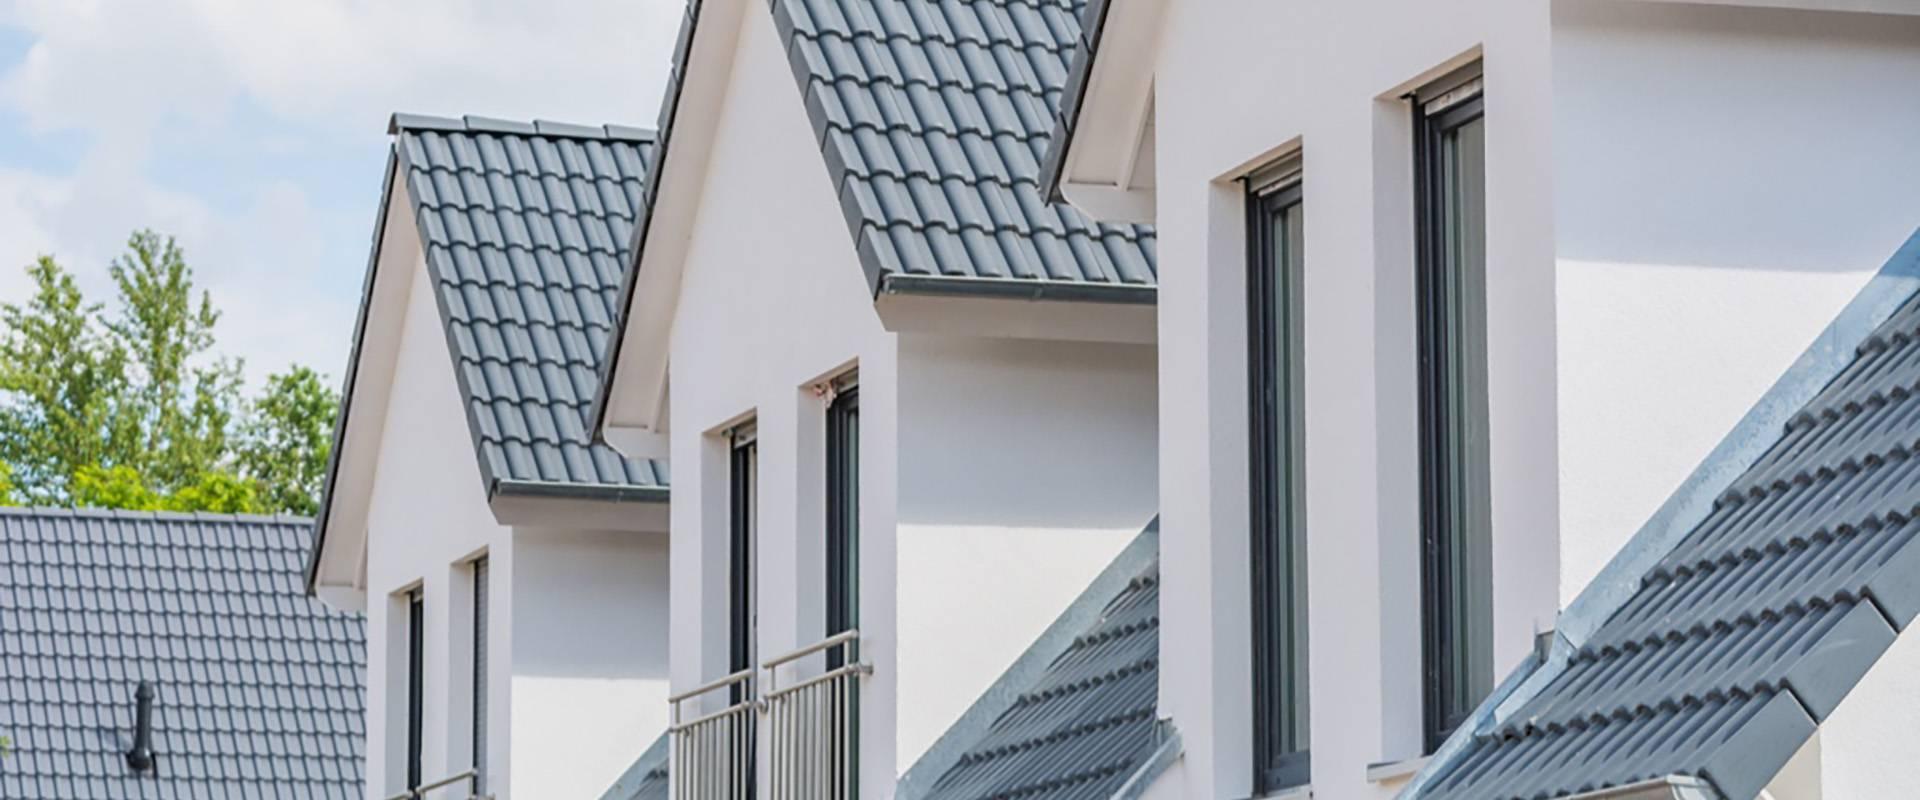 anthrazit Aluminium Fensterbank Zuschnitt auf Ma/ß Fensterbrett Ausladung 360 mm wei/ß silber dunkelbronze